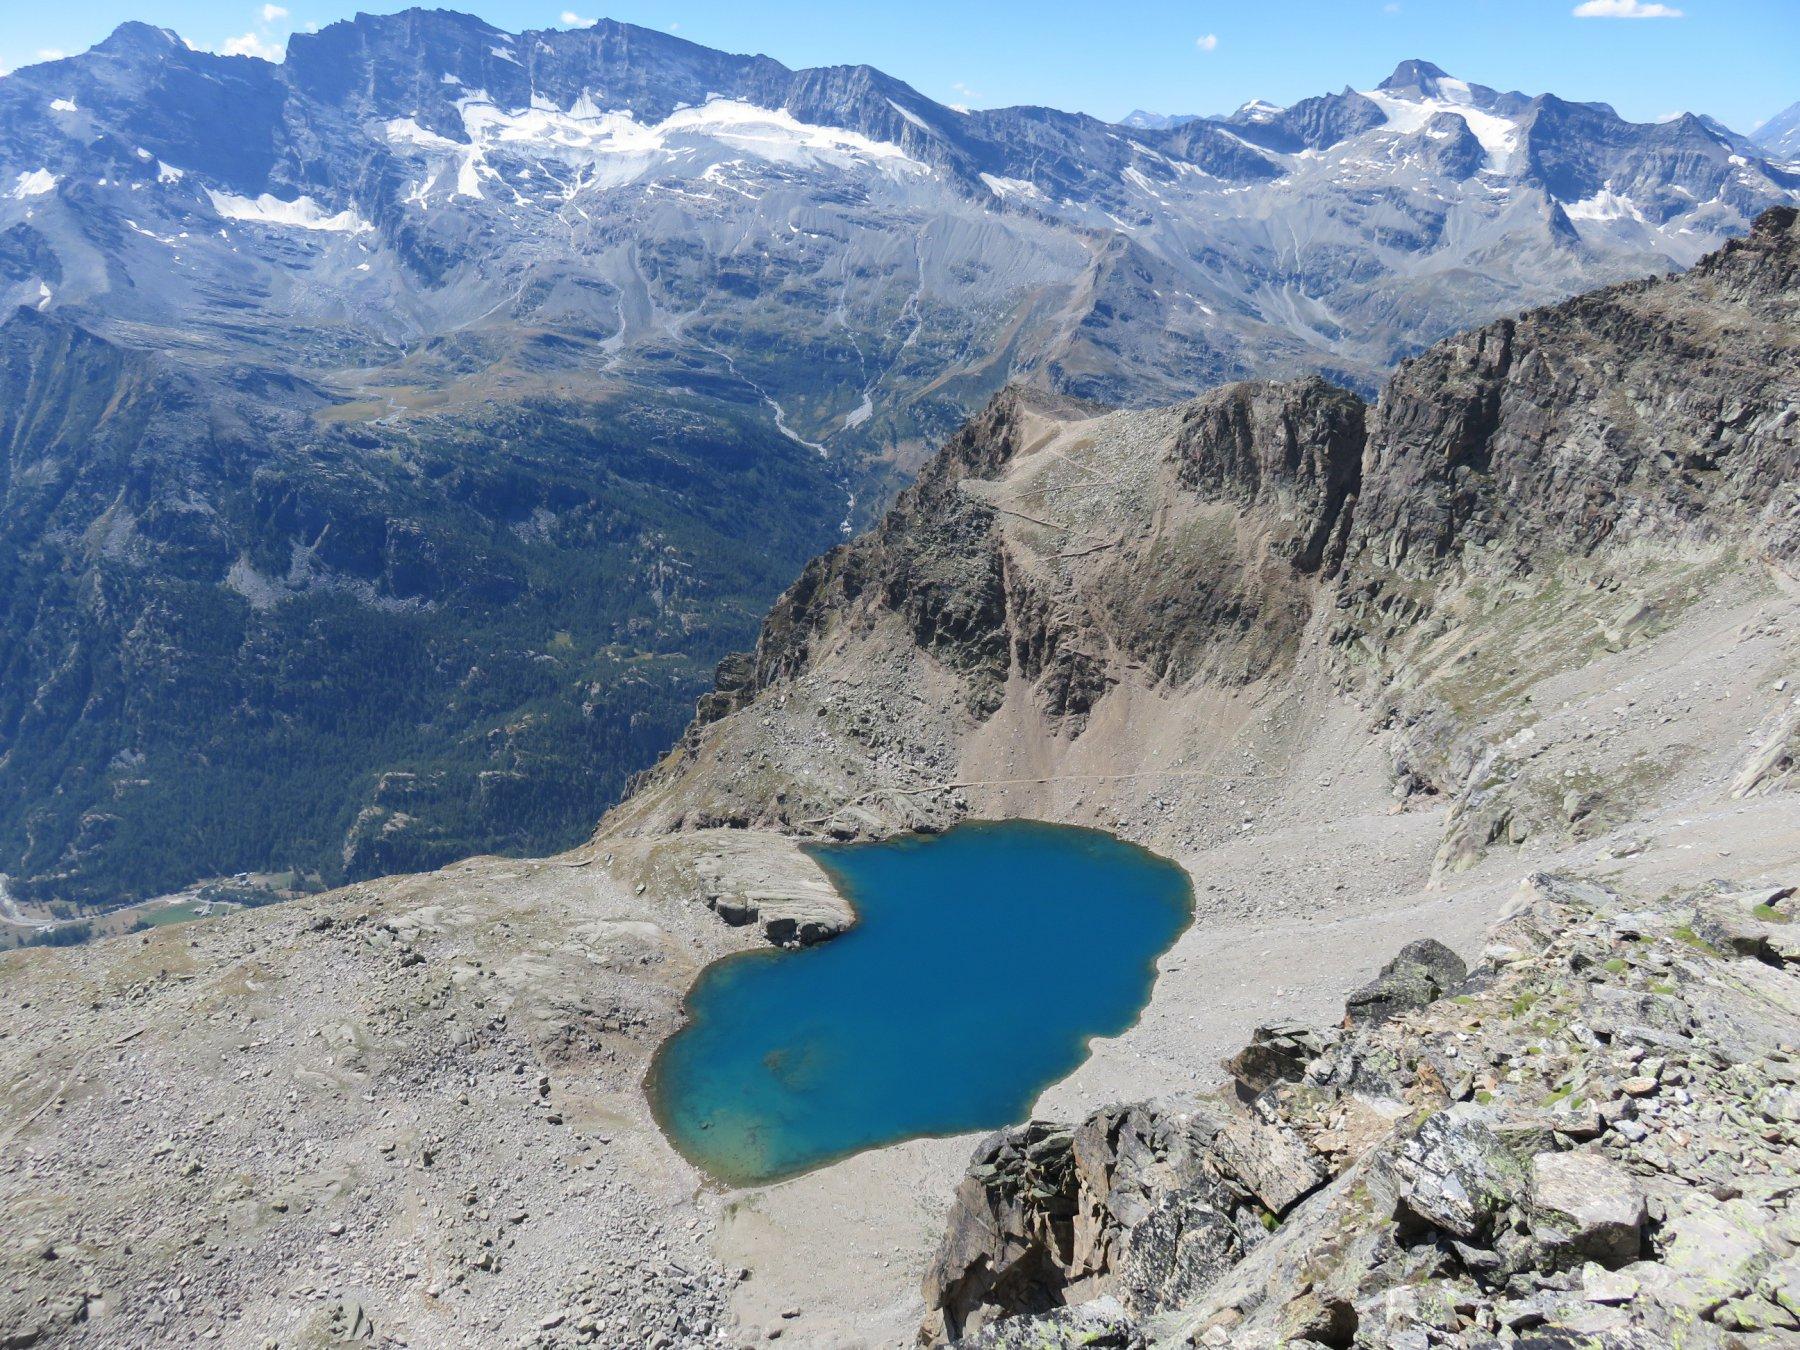 Vista dall'alto sul Lago Lillet